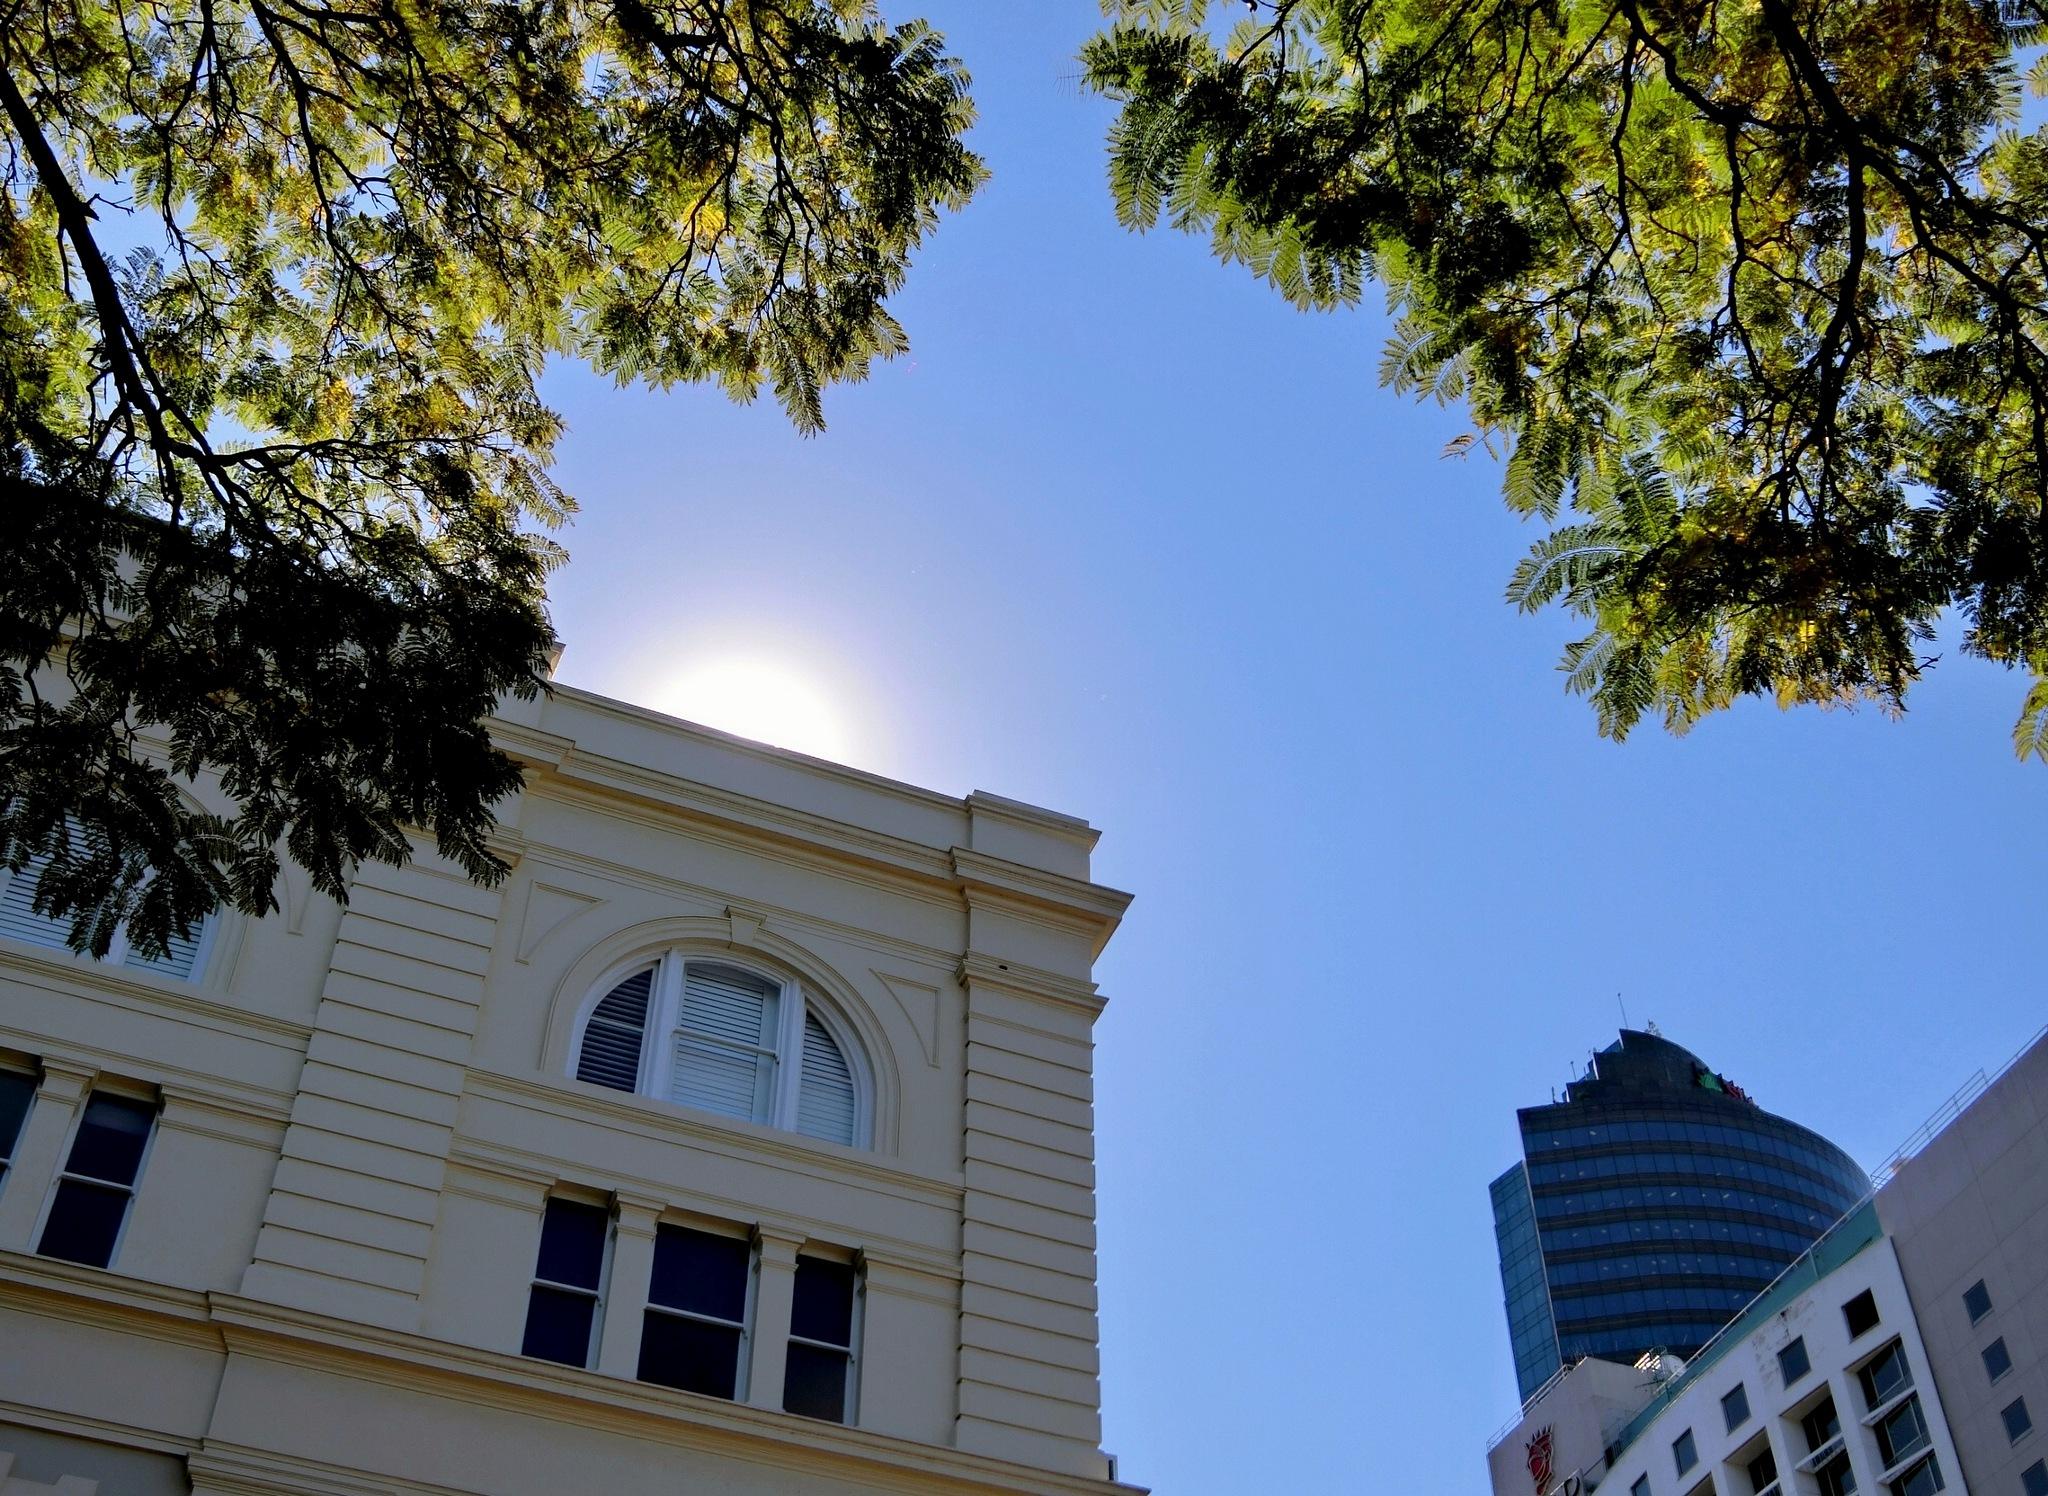 Brisbane Botanic Garden-4 by pop88123